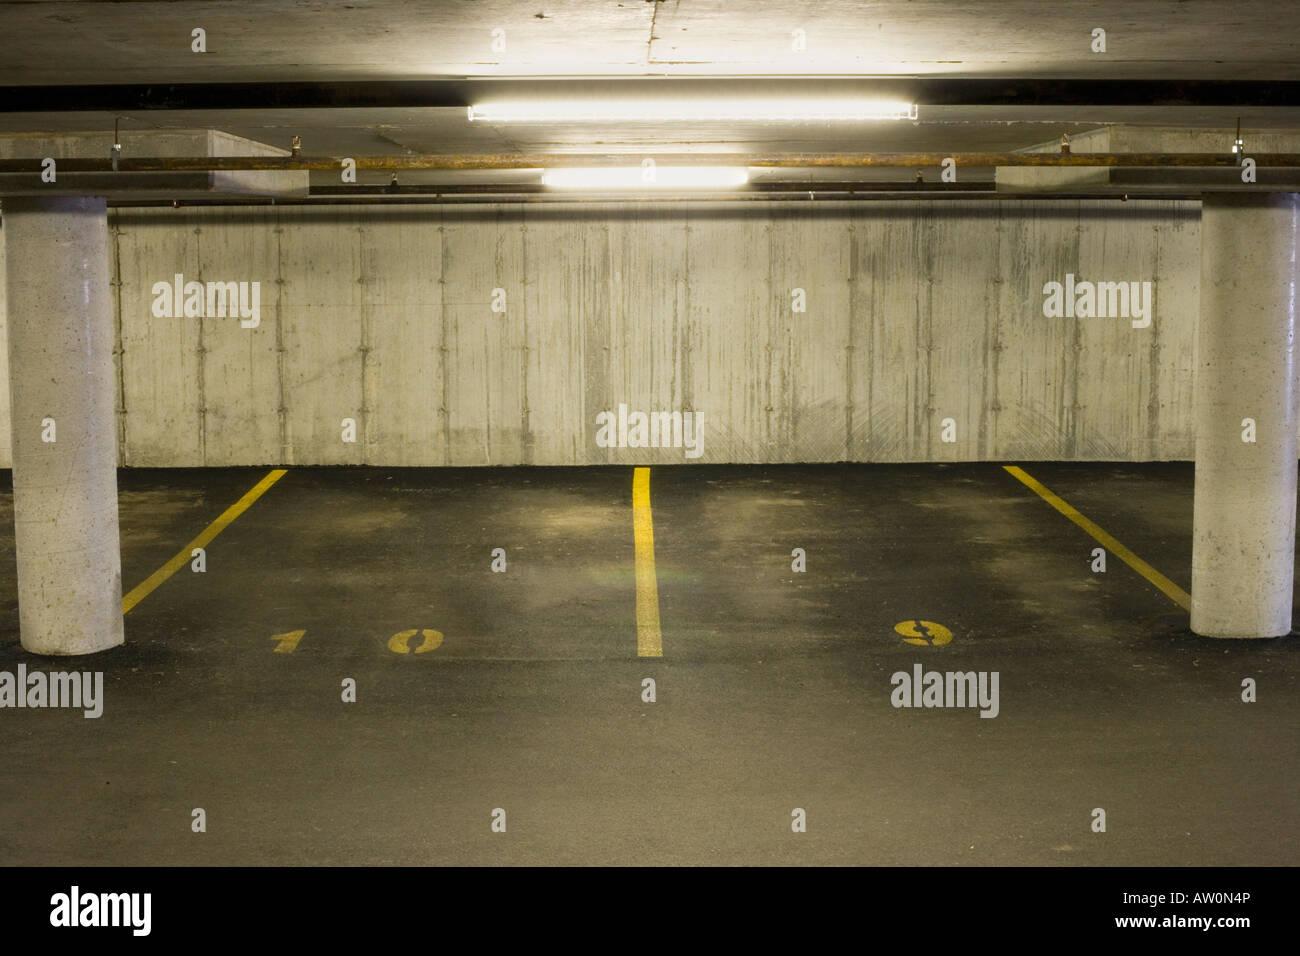 Indoor parking - Stock Image